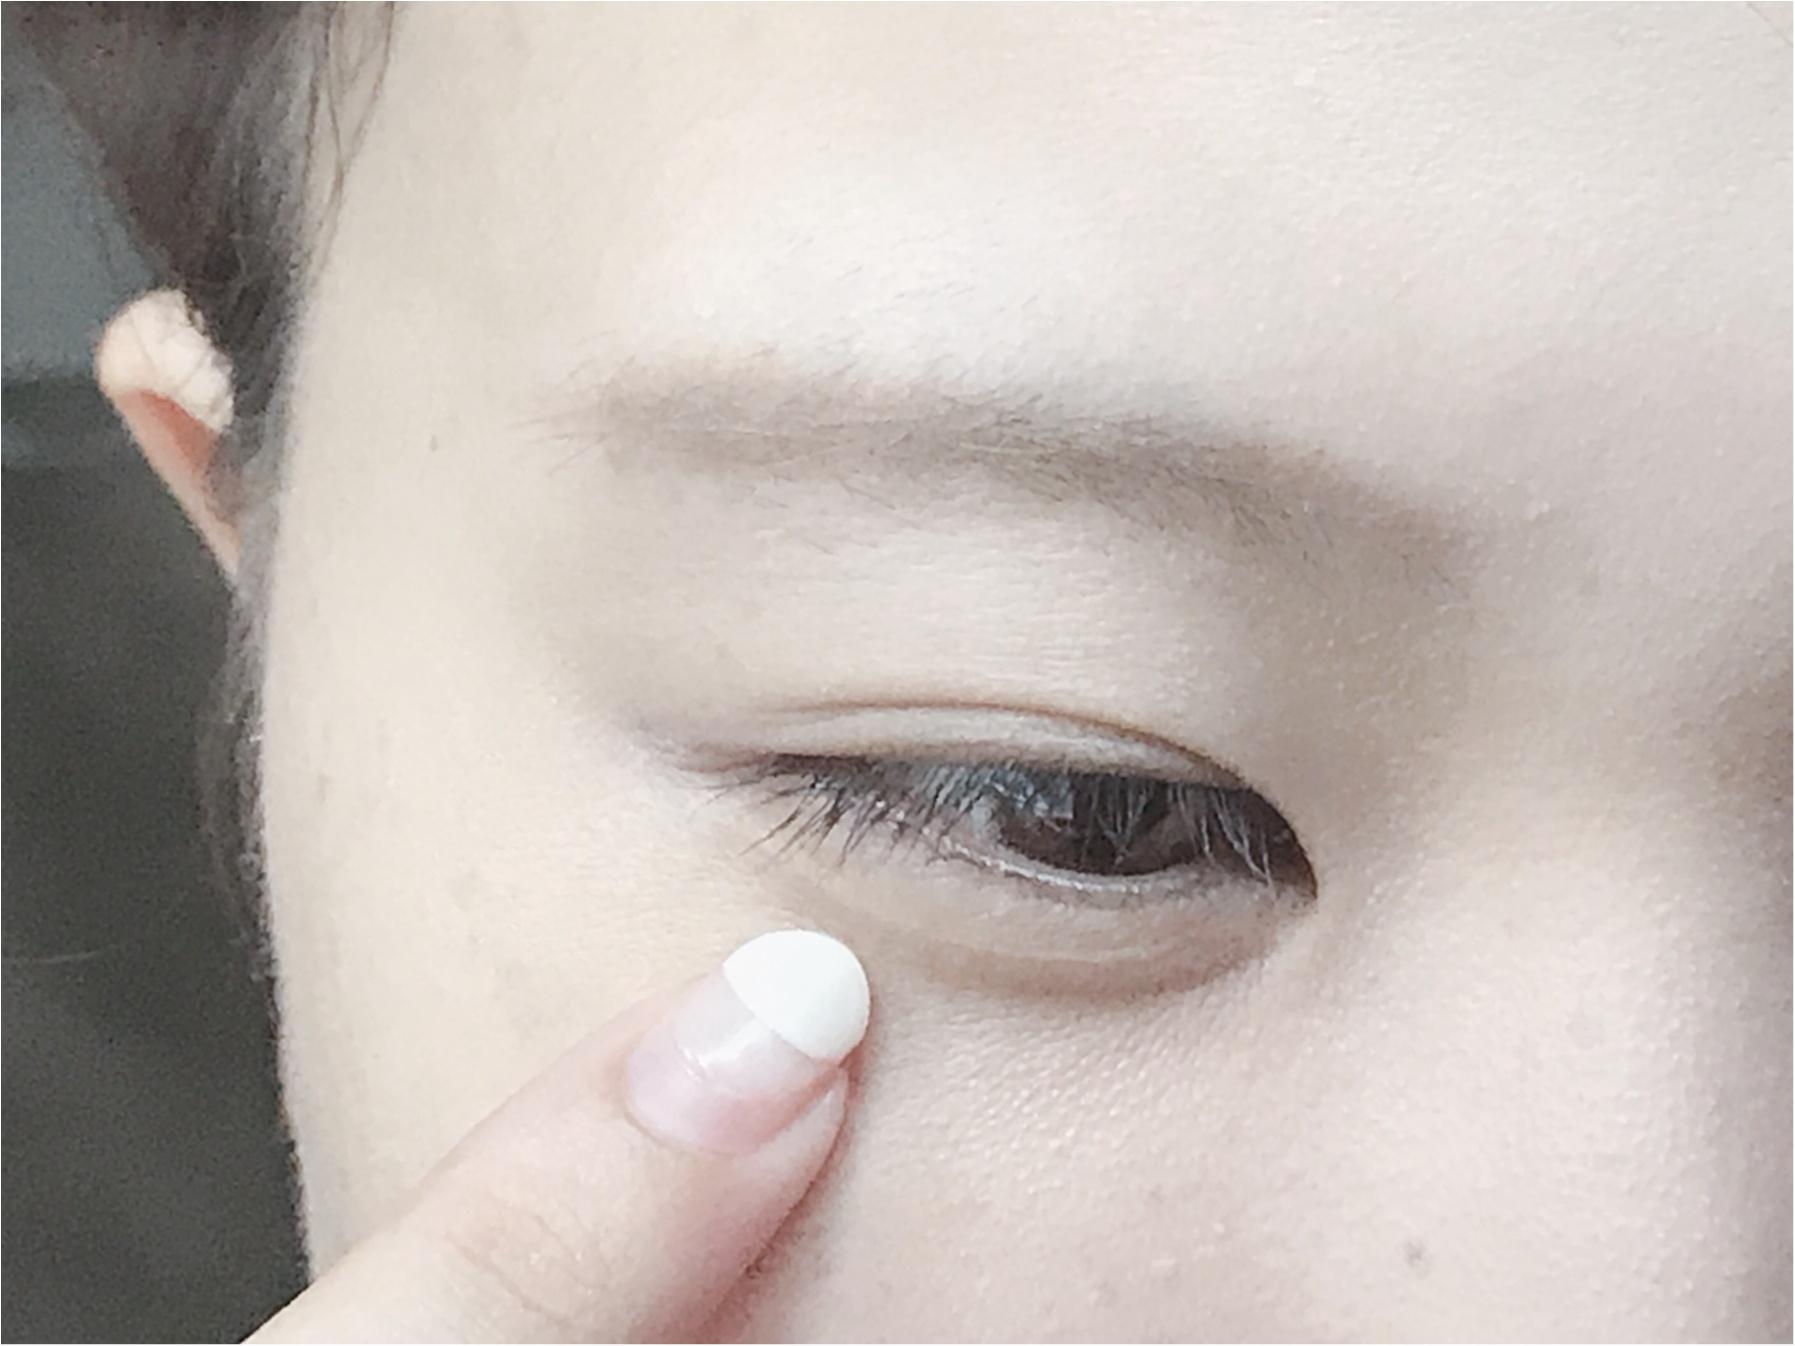 プチプラコスメで簡単メイク♡愛され顔に必須のぷっくり涙袋の作り方_7